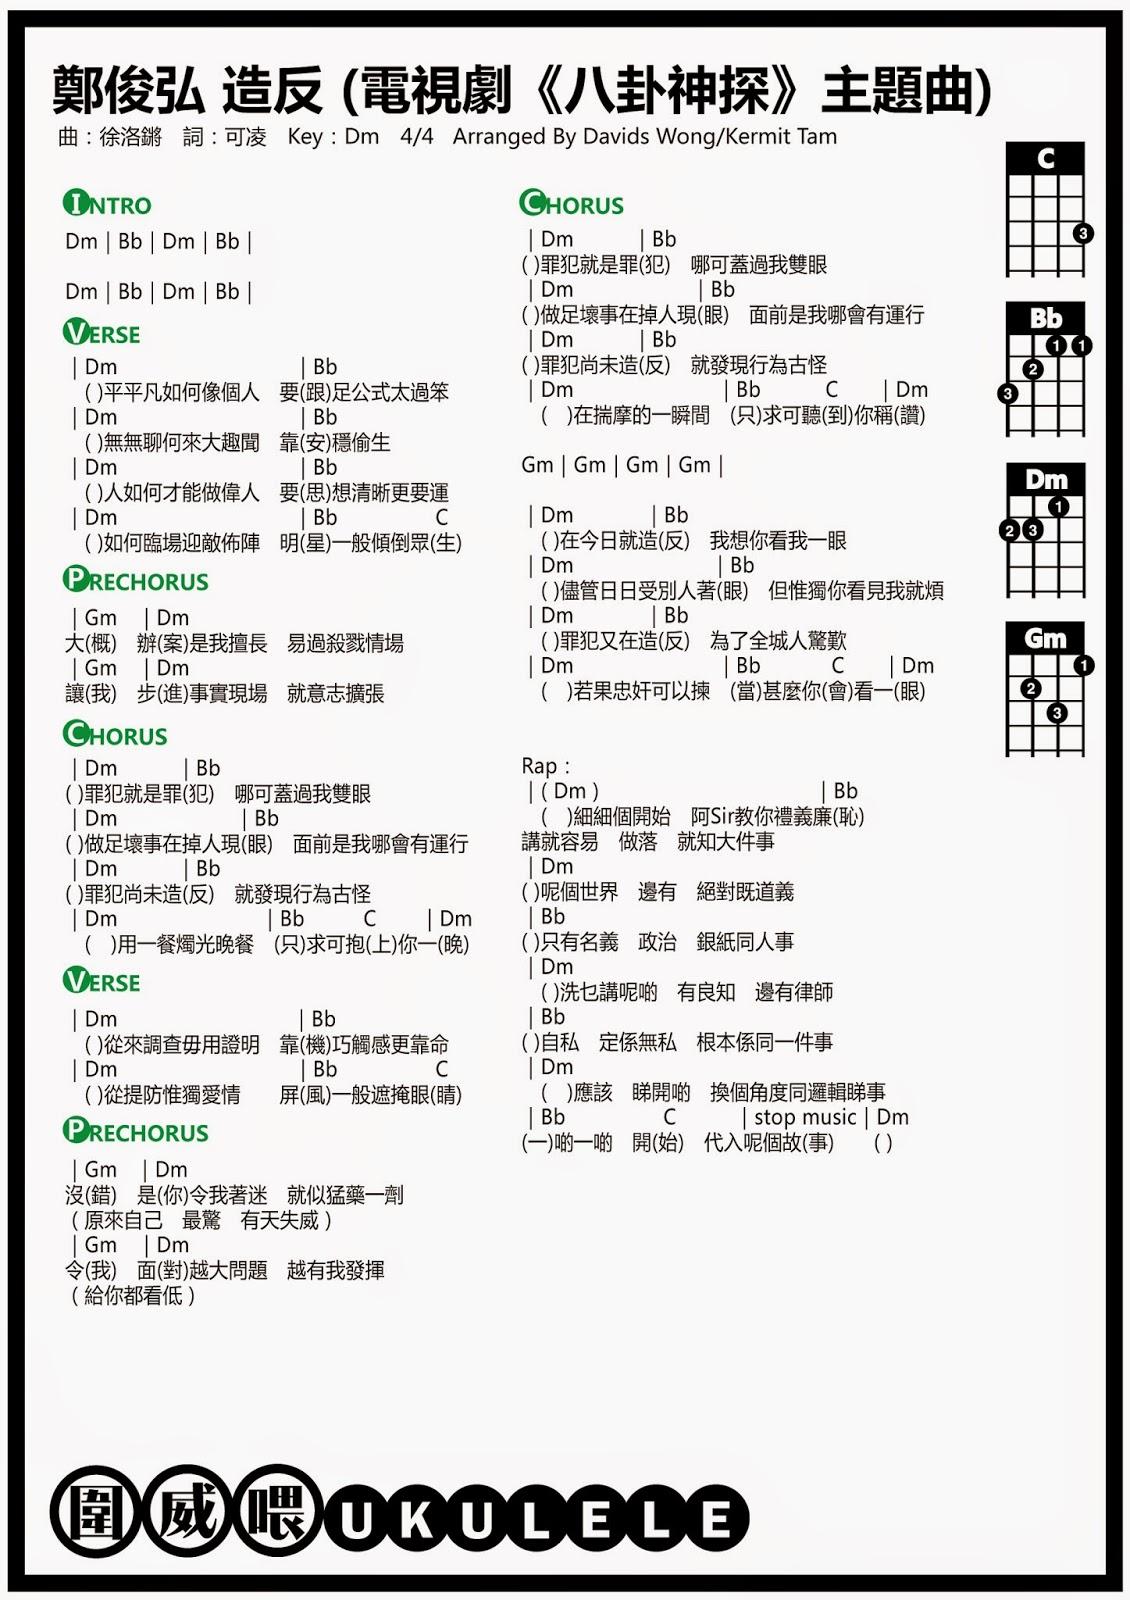 圍威喂 ukulele: 鄭俊弘 造反 (電視劇《八卦神探》主題曲) [ukulele譜]